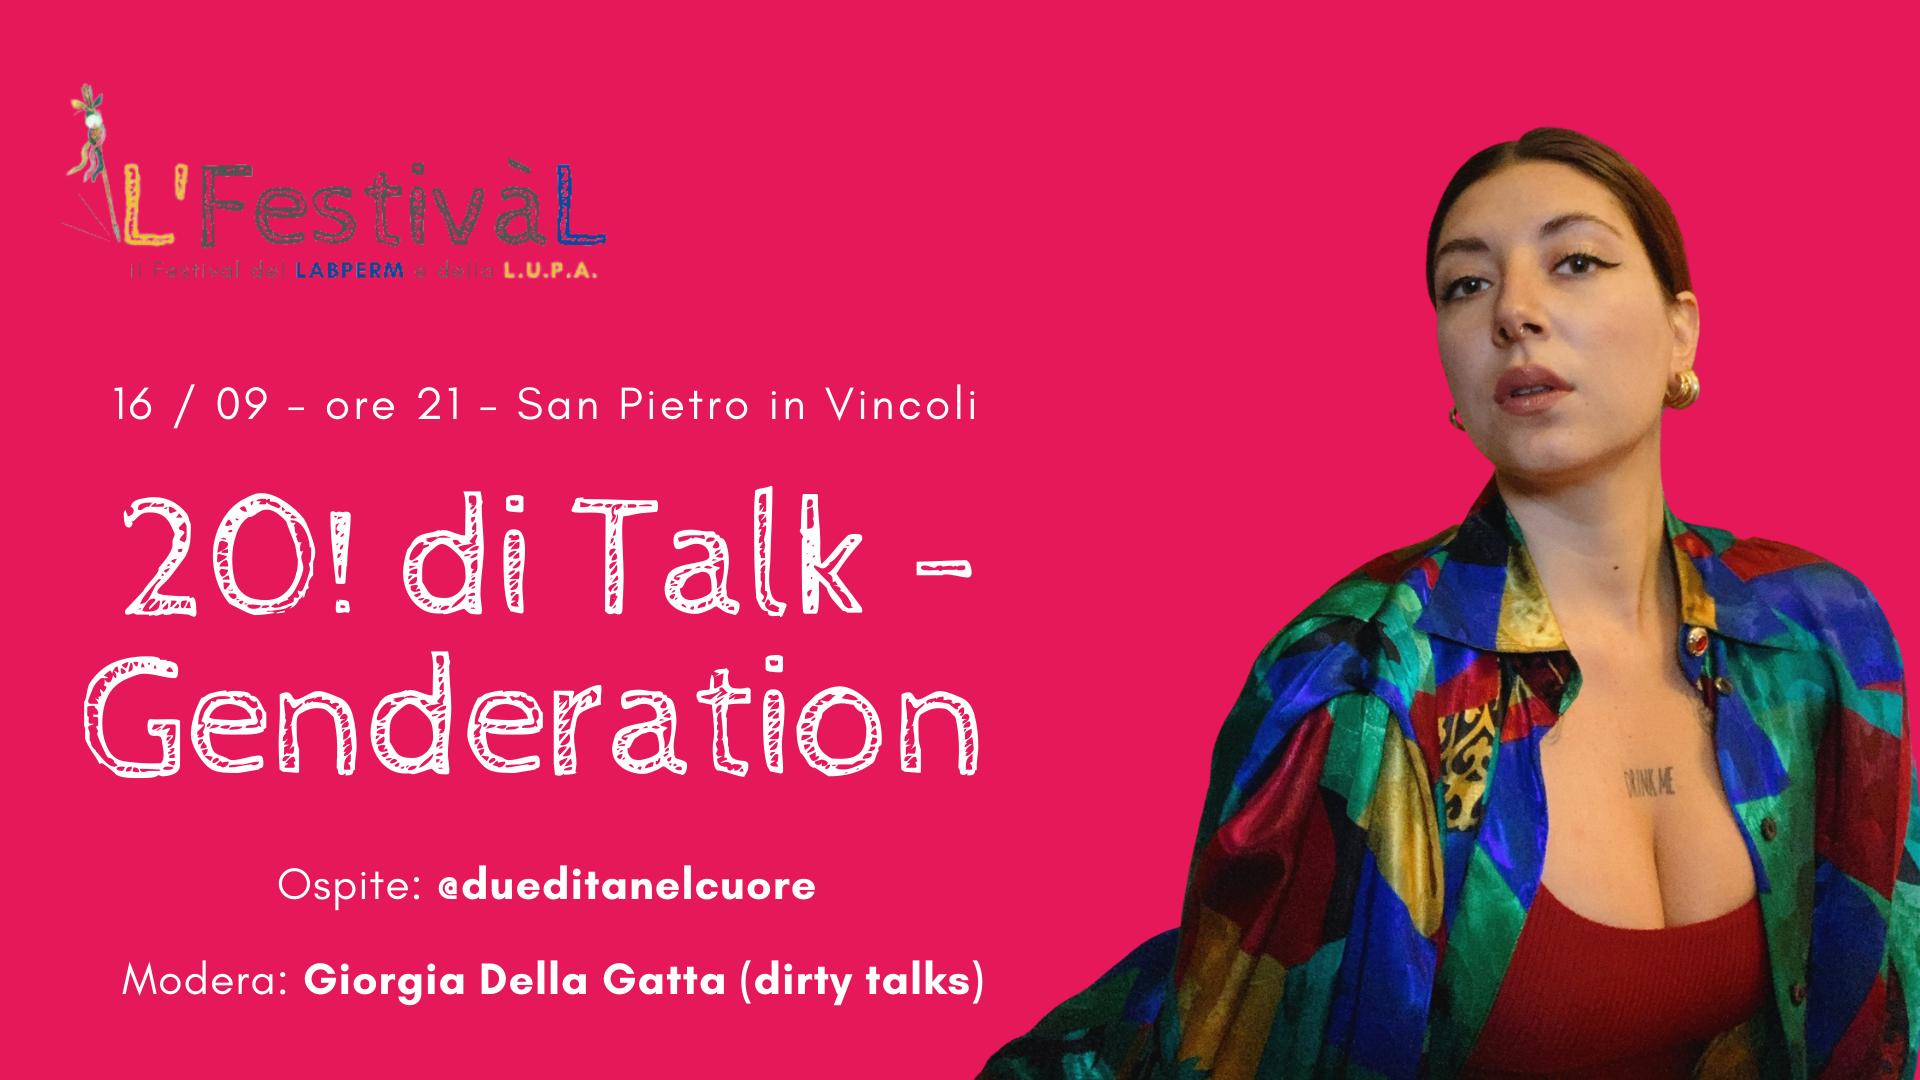 20! DI TALK - Genderation